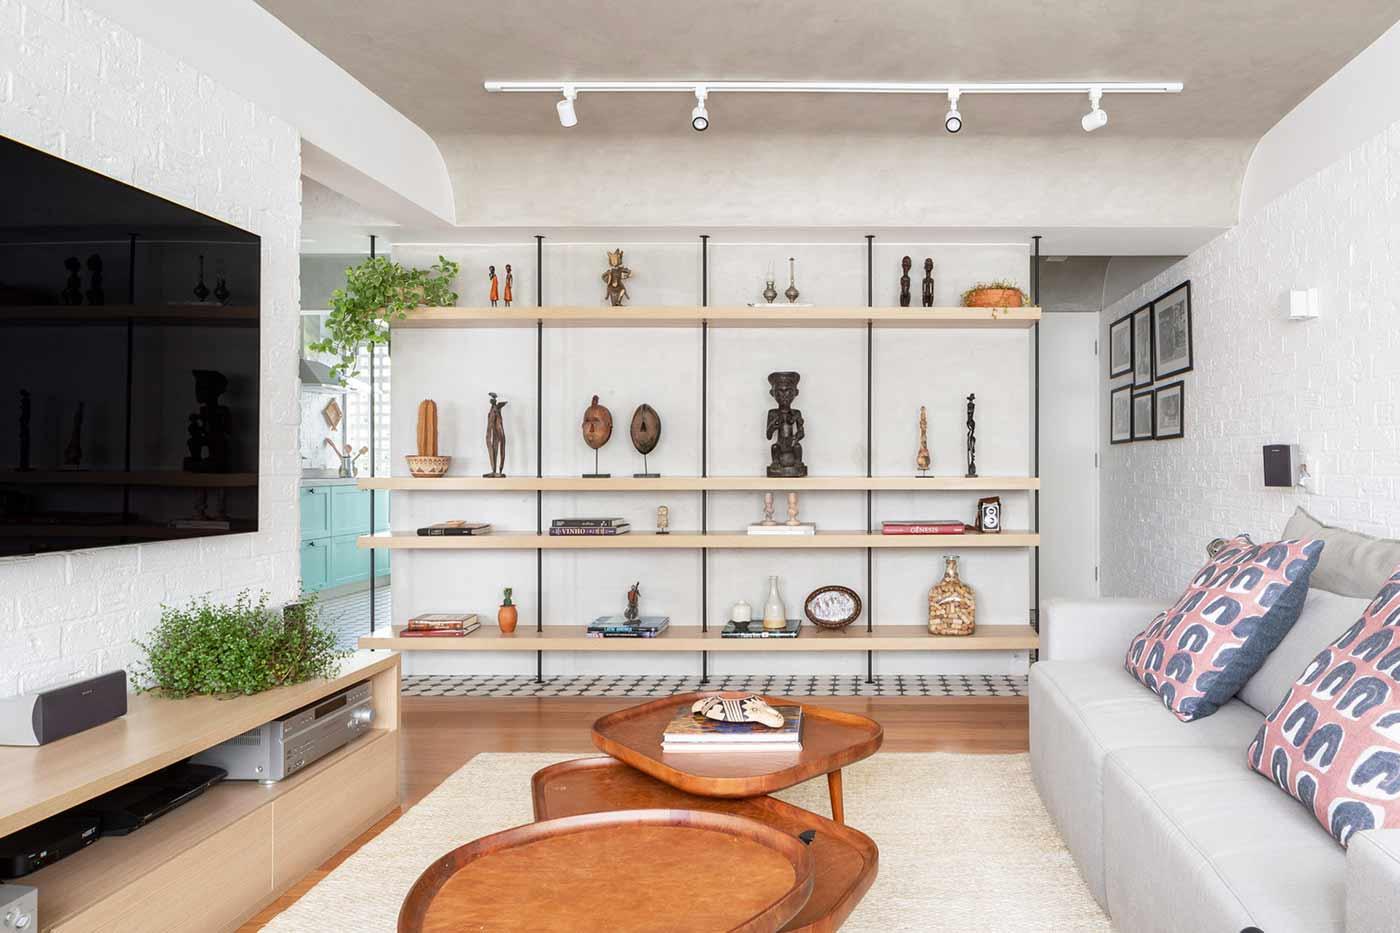 Dekorasi dari hasil perjalanan pribadi, ruang keluarga karya Semerene Arquitetura Interior, via archdaily.com